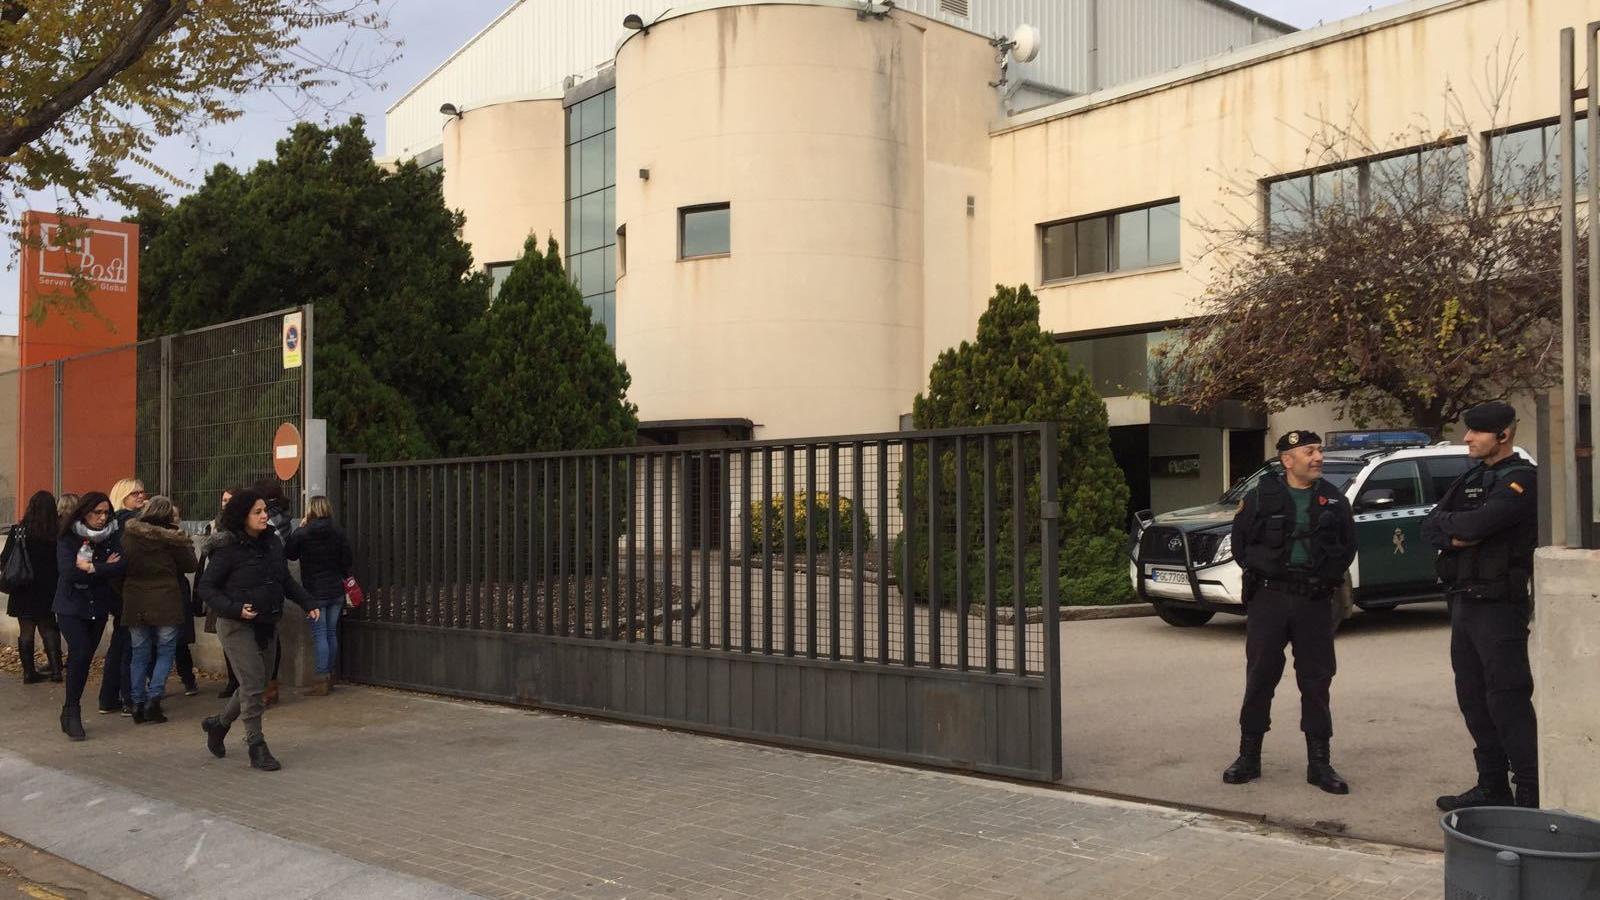 Dos agents de la Guàrdia Civil a l'entrada de l'empresa Unipost